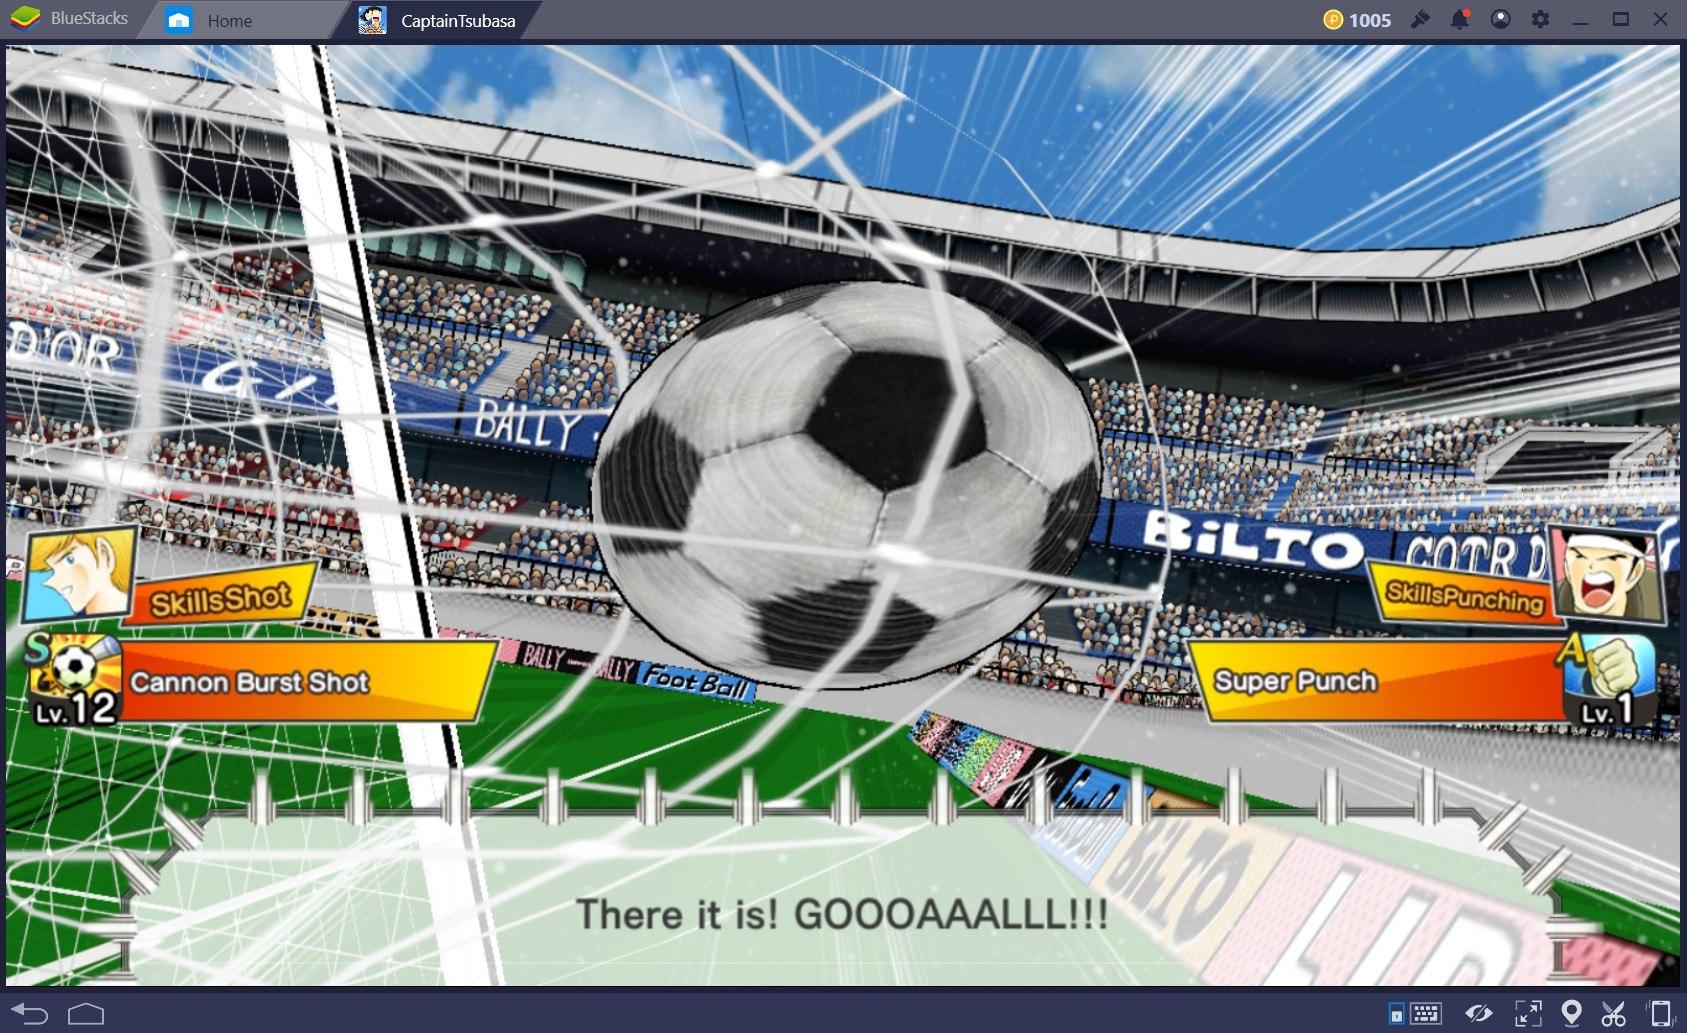 世界杯時期就該玩的足球遊戲:《足球小將翼:夢幻隊伍》